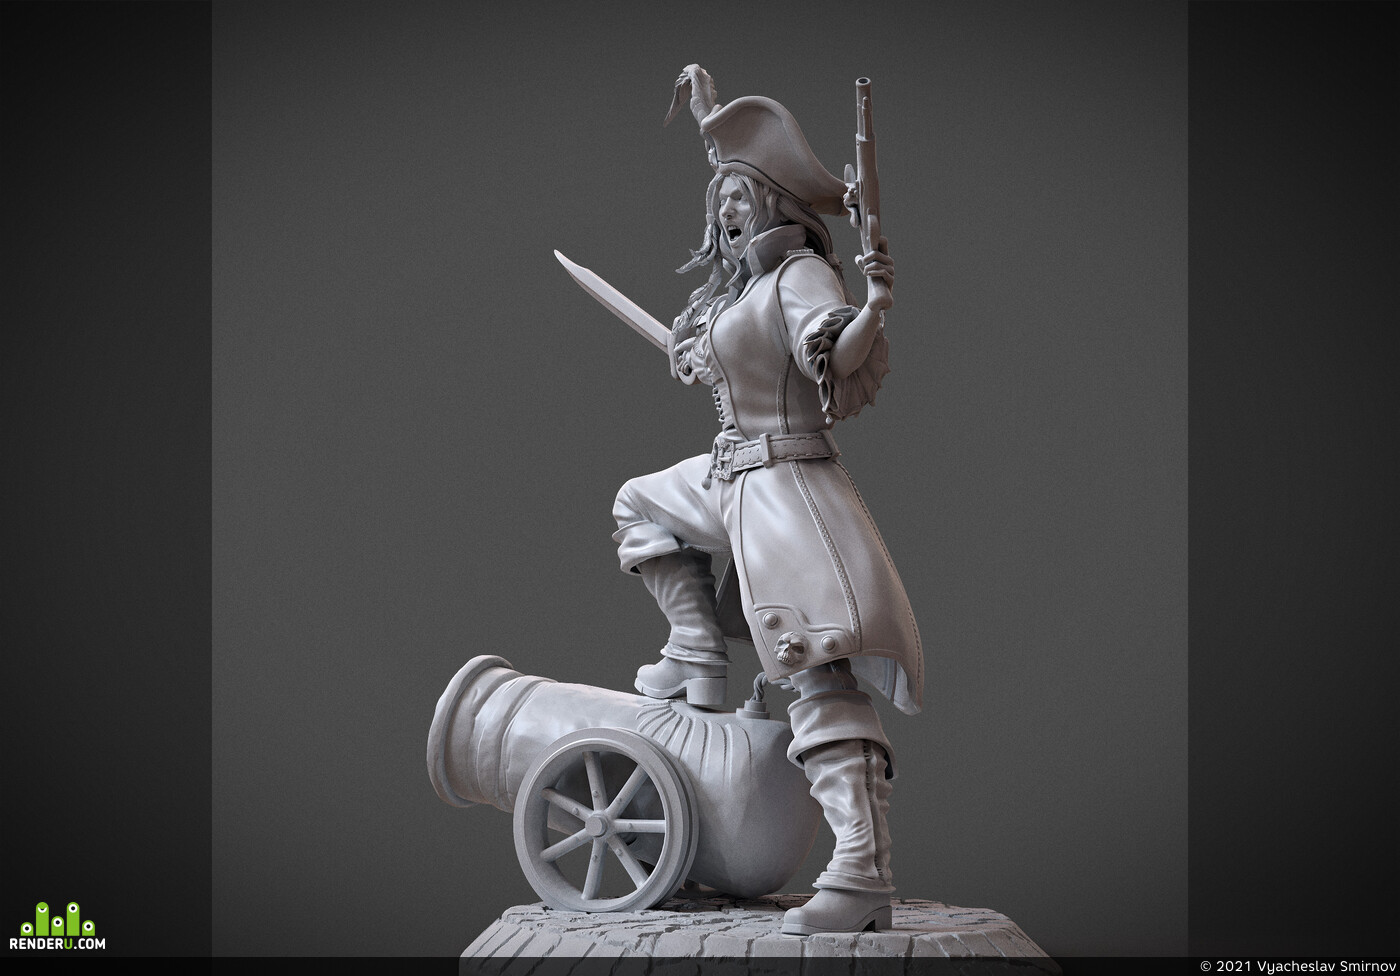 3dprint, modelfor3dprint, miniatures, atlas3dss, pirate, pirategirl, pirates, gun